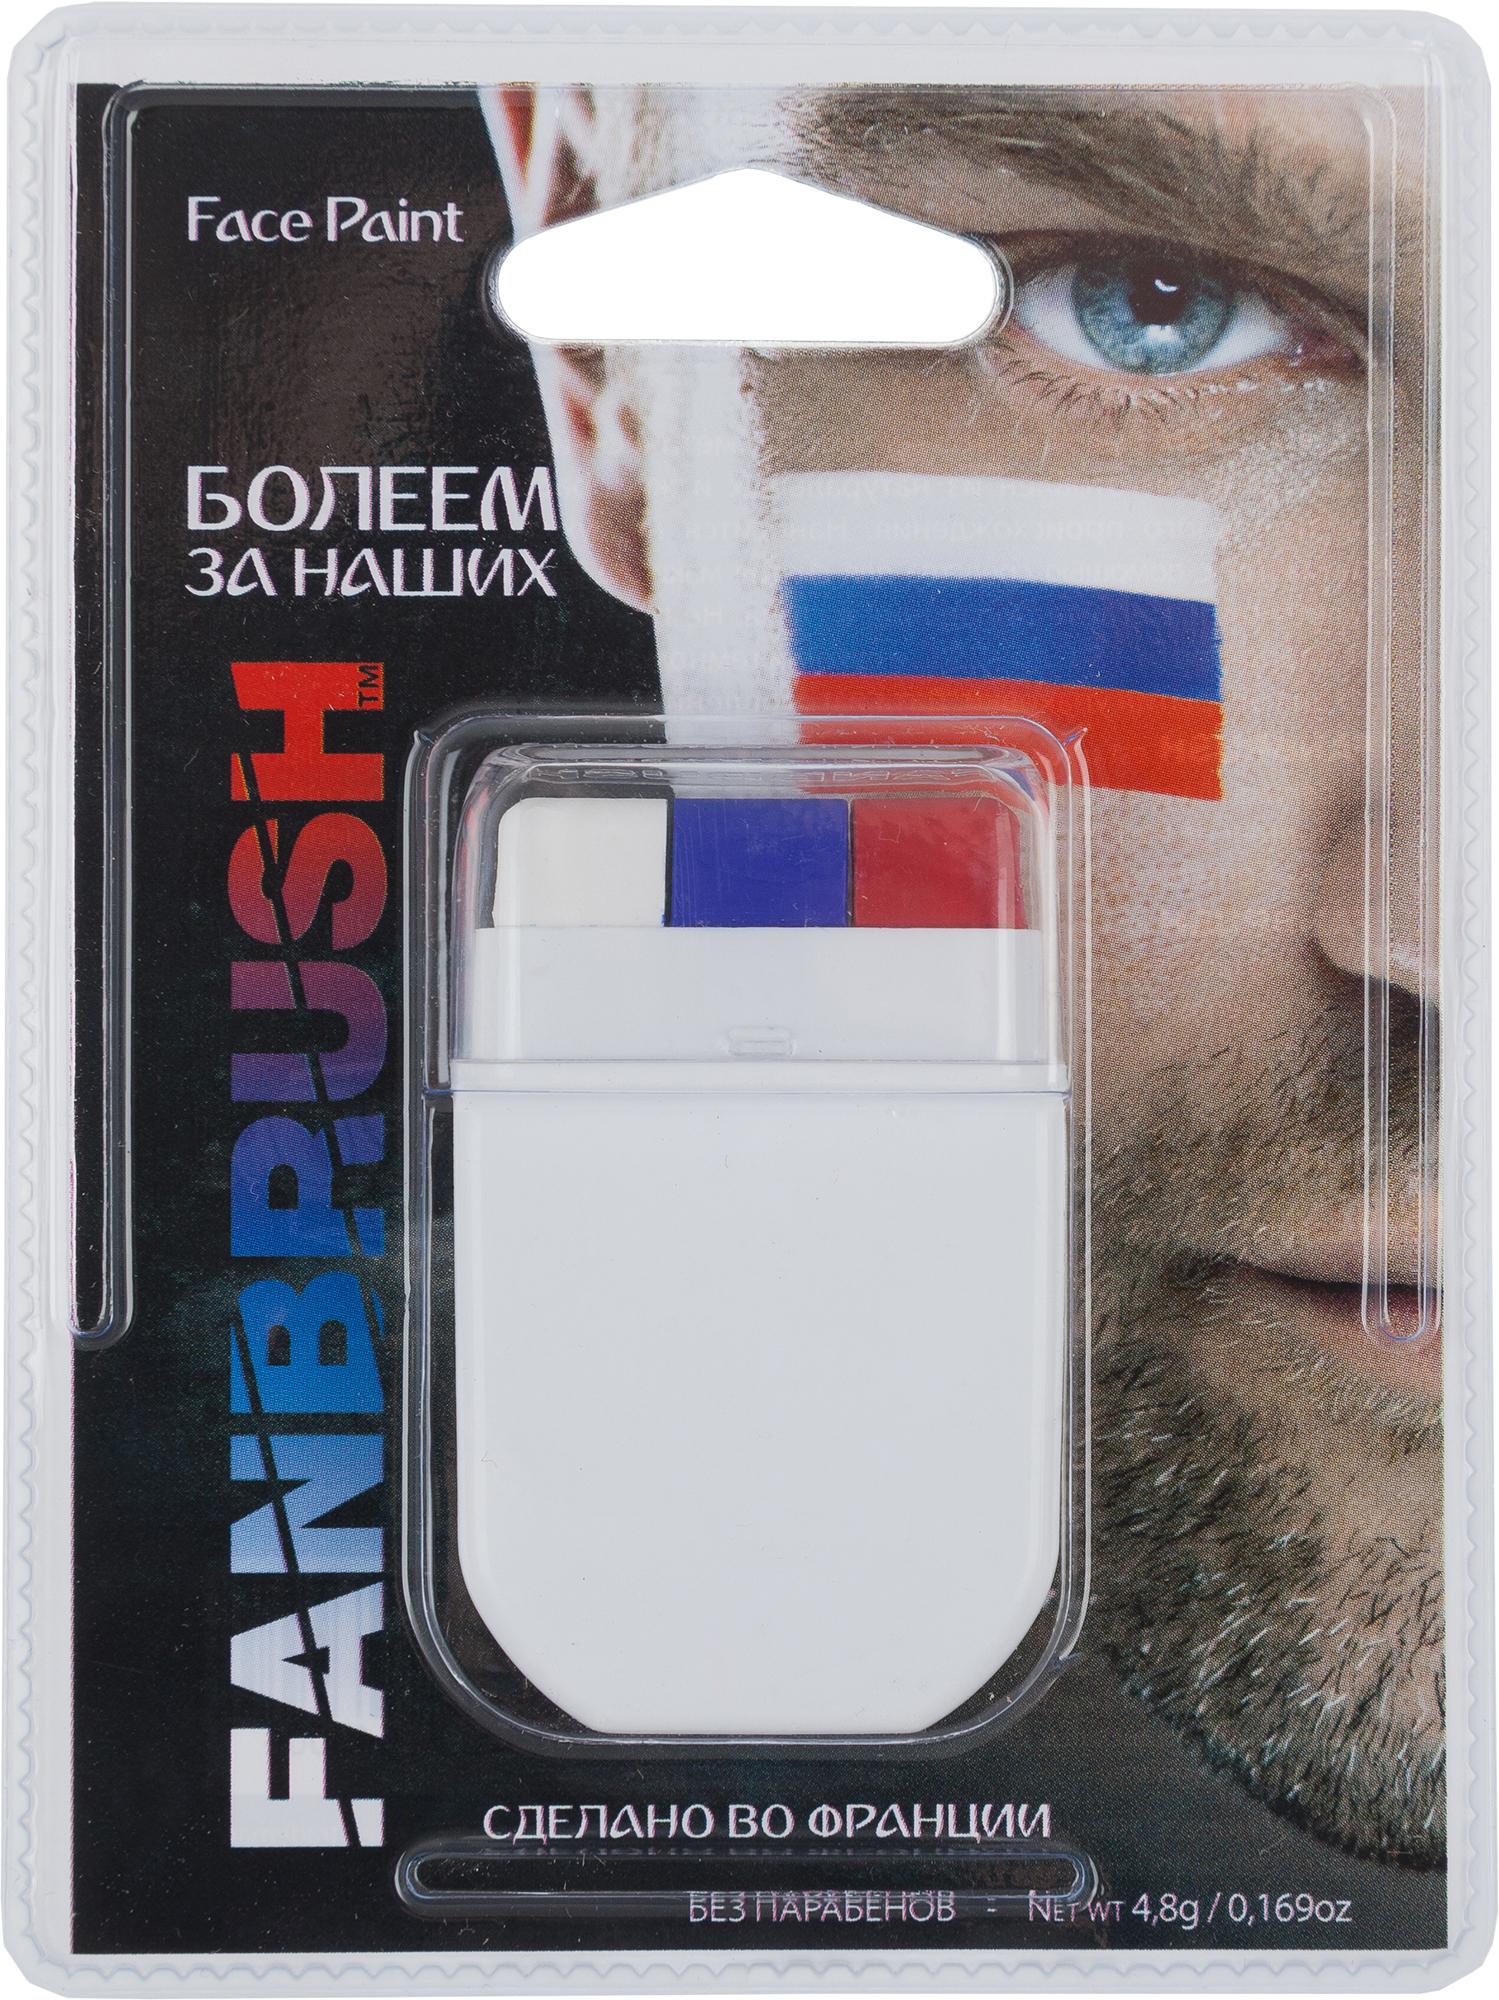 Fanbrush Аквагрим для болельщиков Fanbrush, 3 цвета